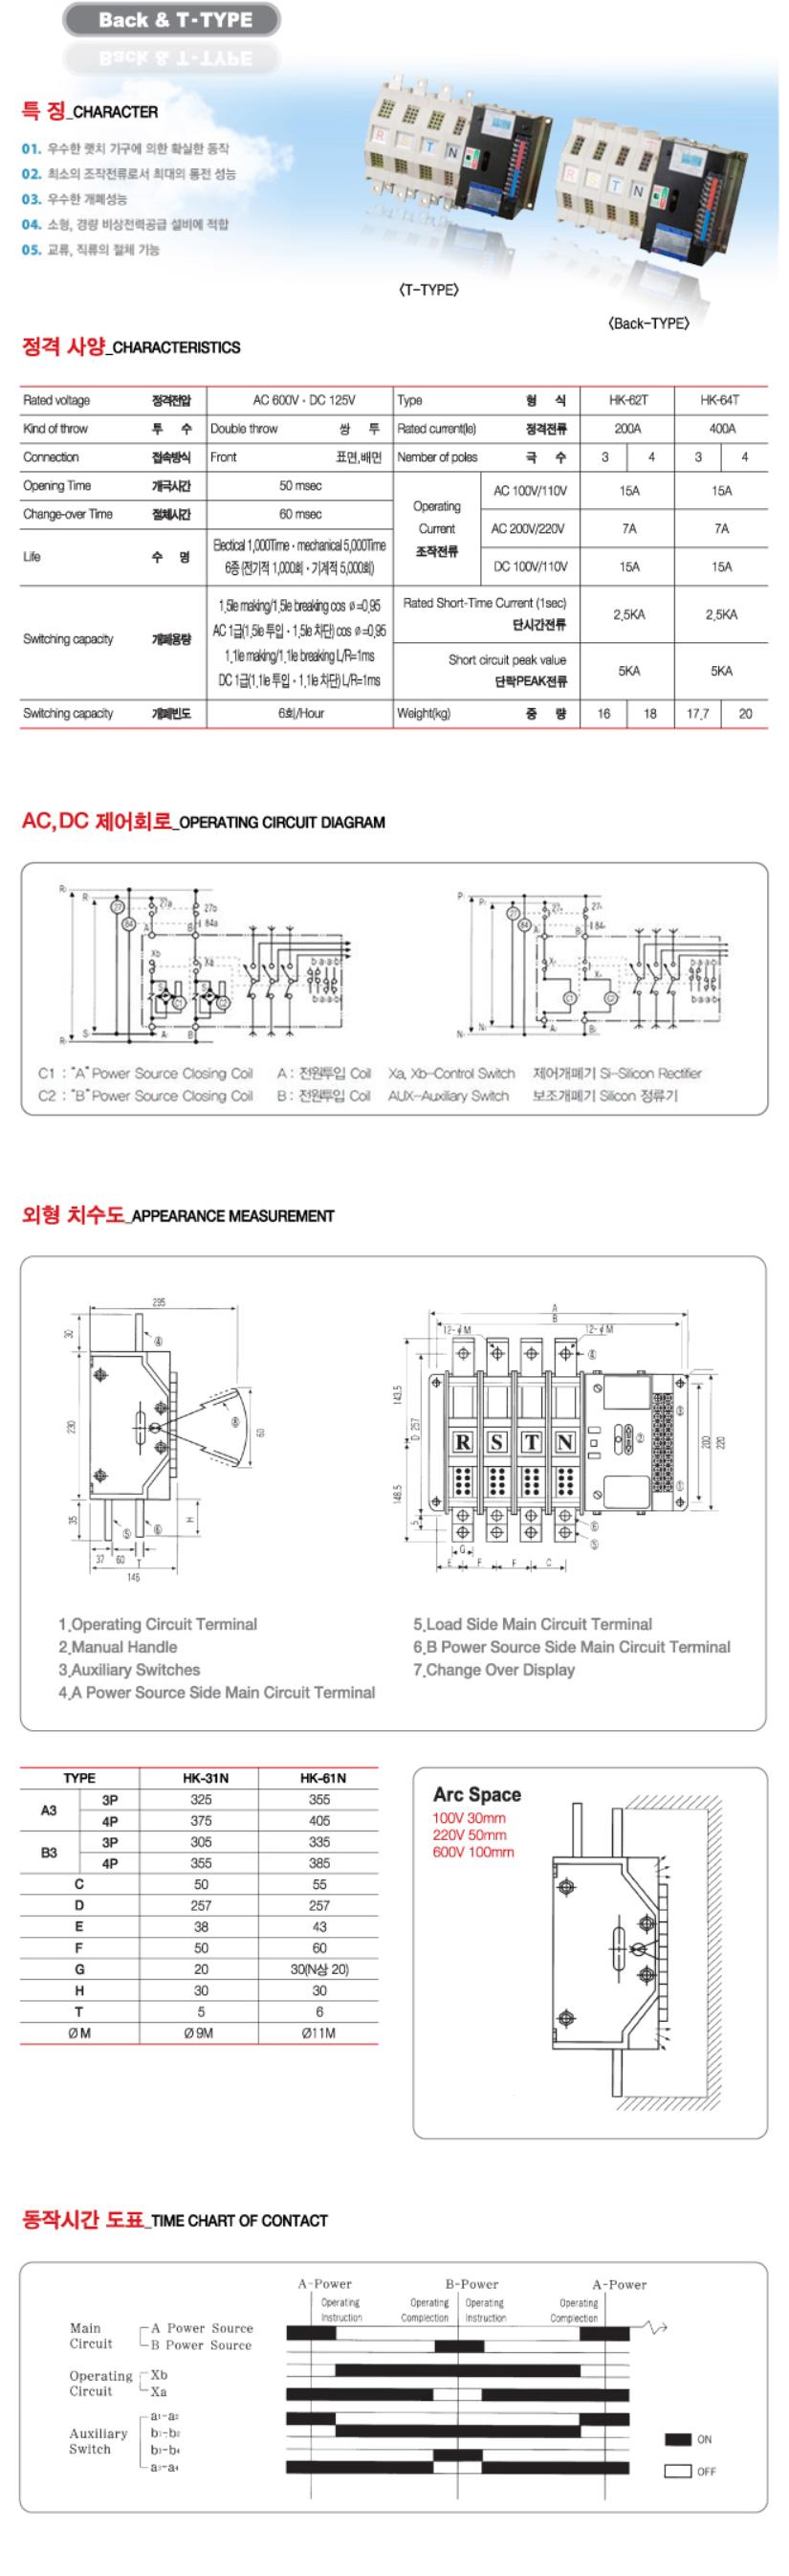 한광전기공업(주) 자동절제스위치 Back & T Type 1